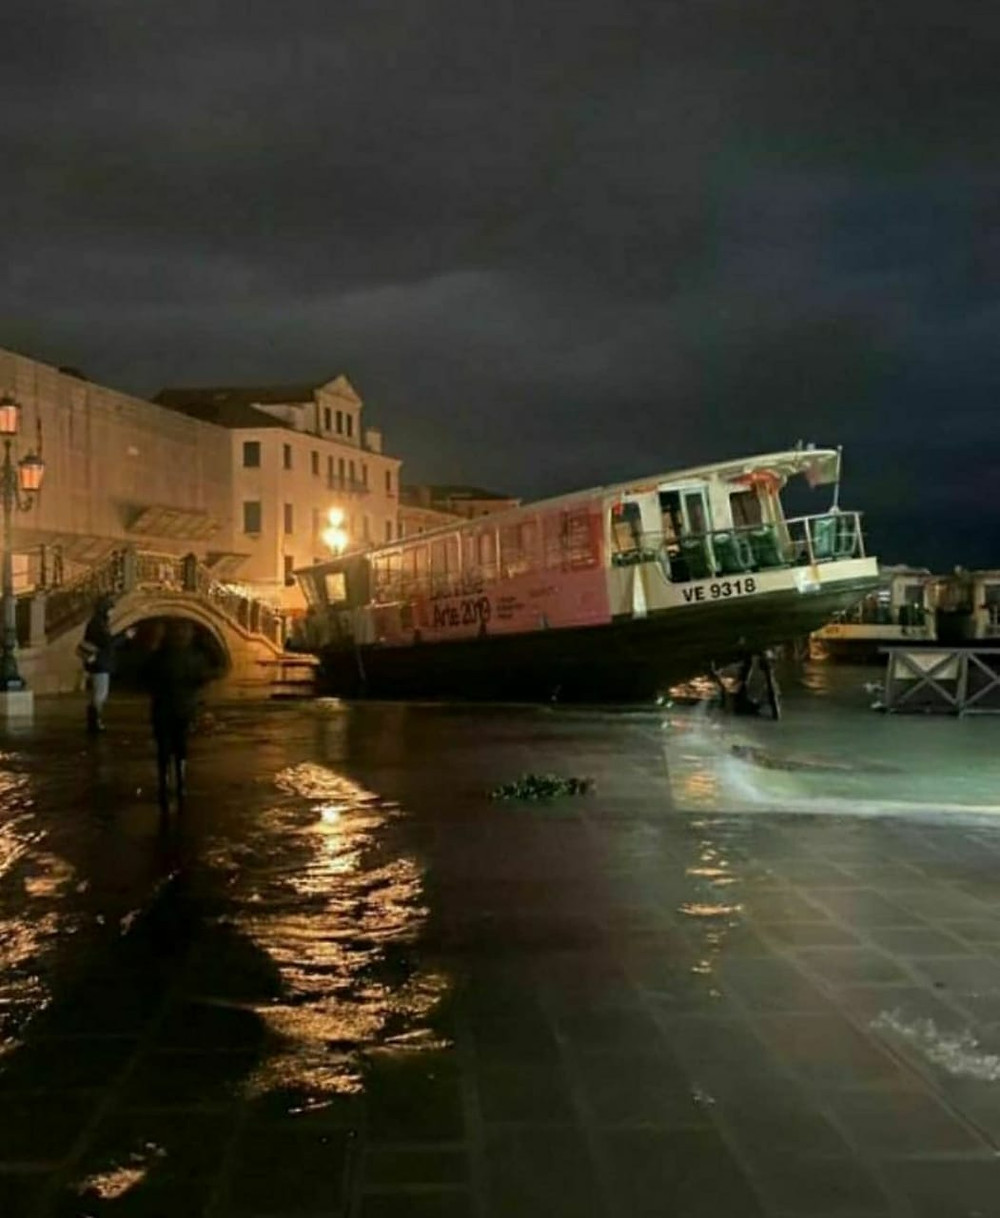 Foto noturna de um barco a deriva devido ao alagamento em Veneza